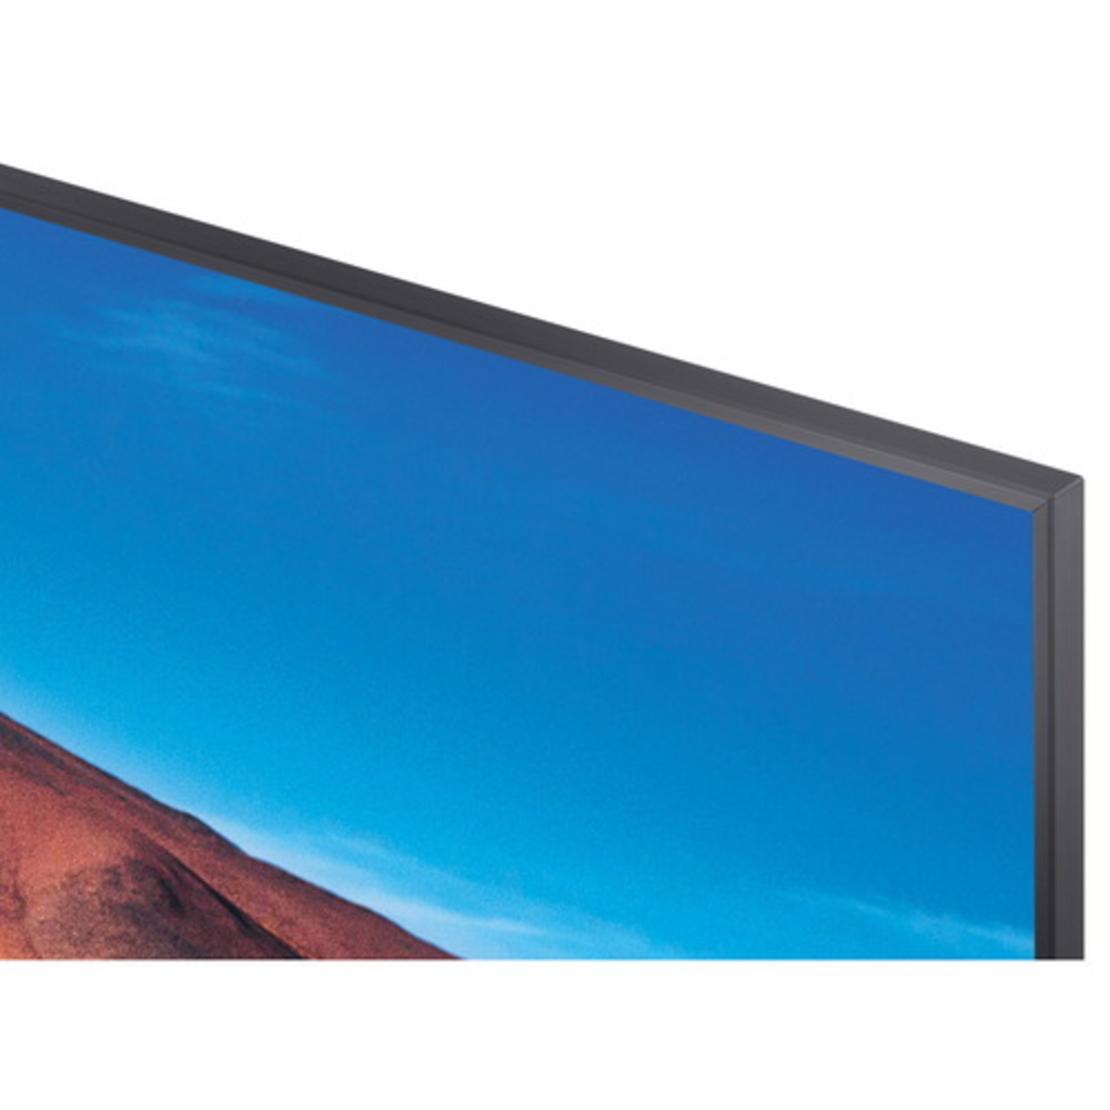 טלוויזיה סמסונג Samsung UE55TU7100 4K 55 אינטש